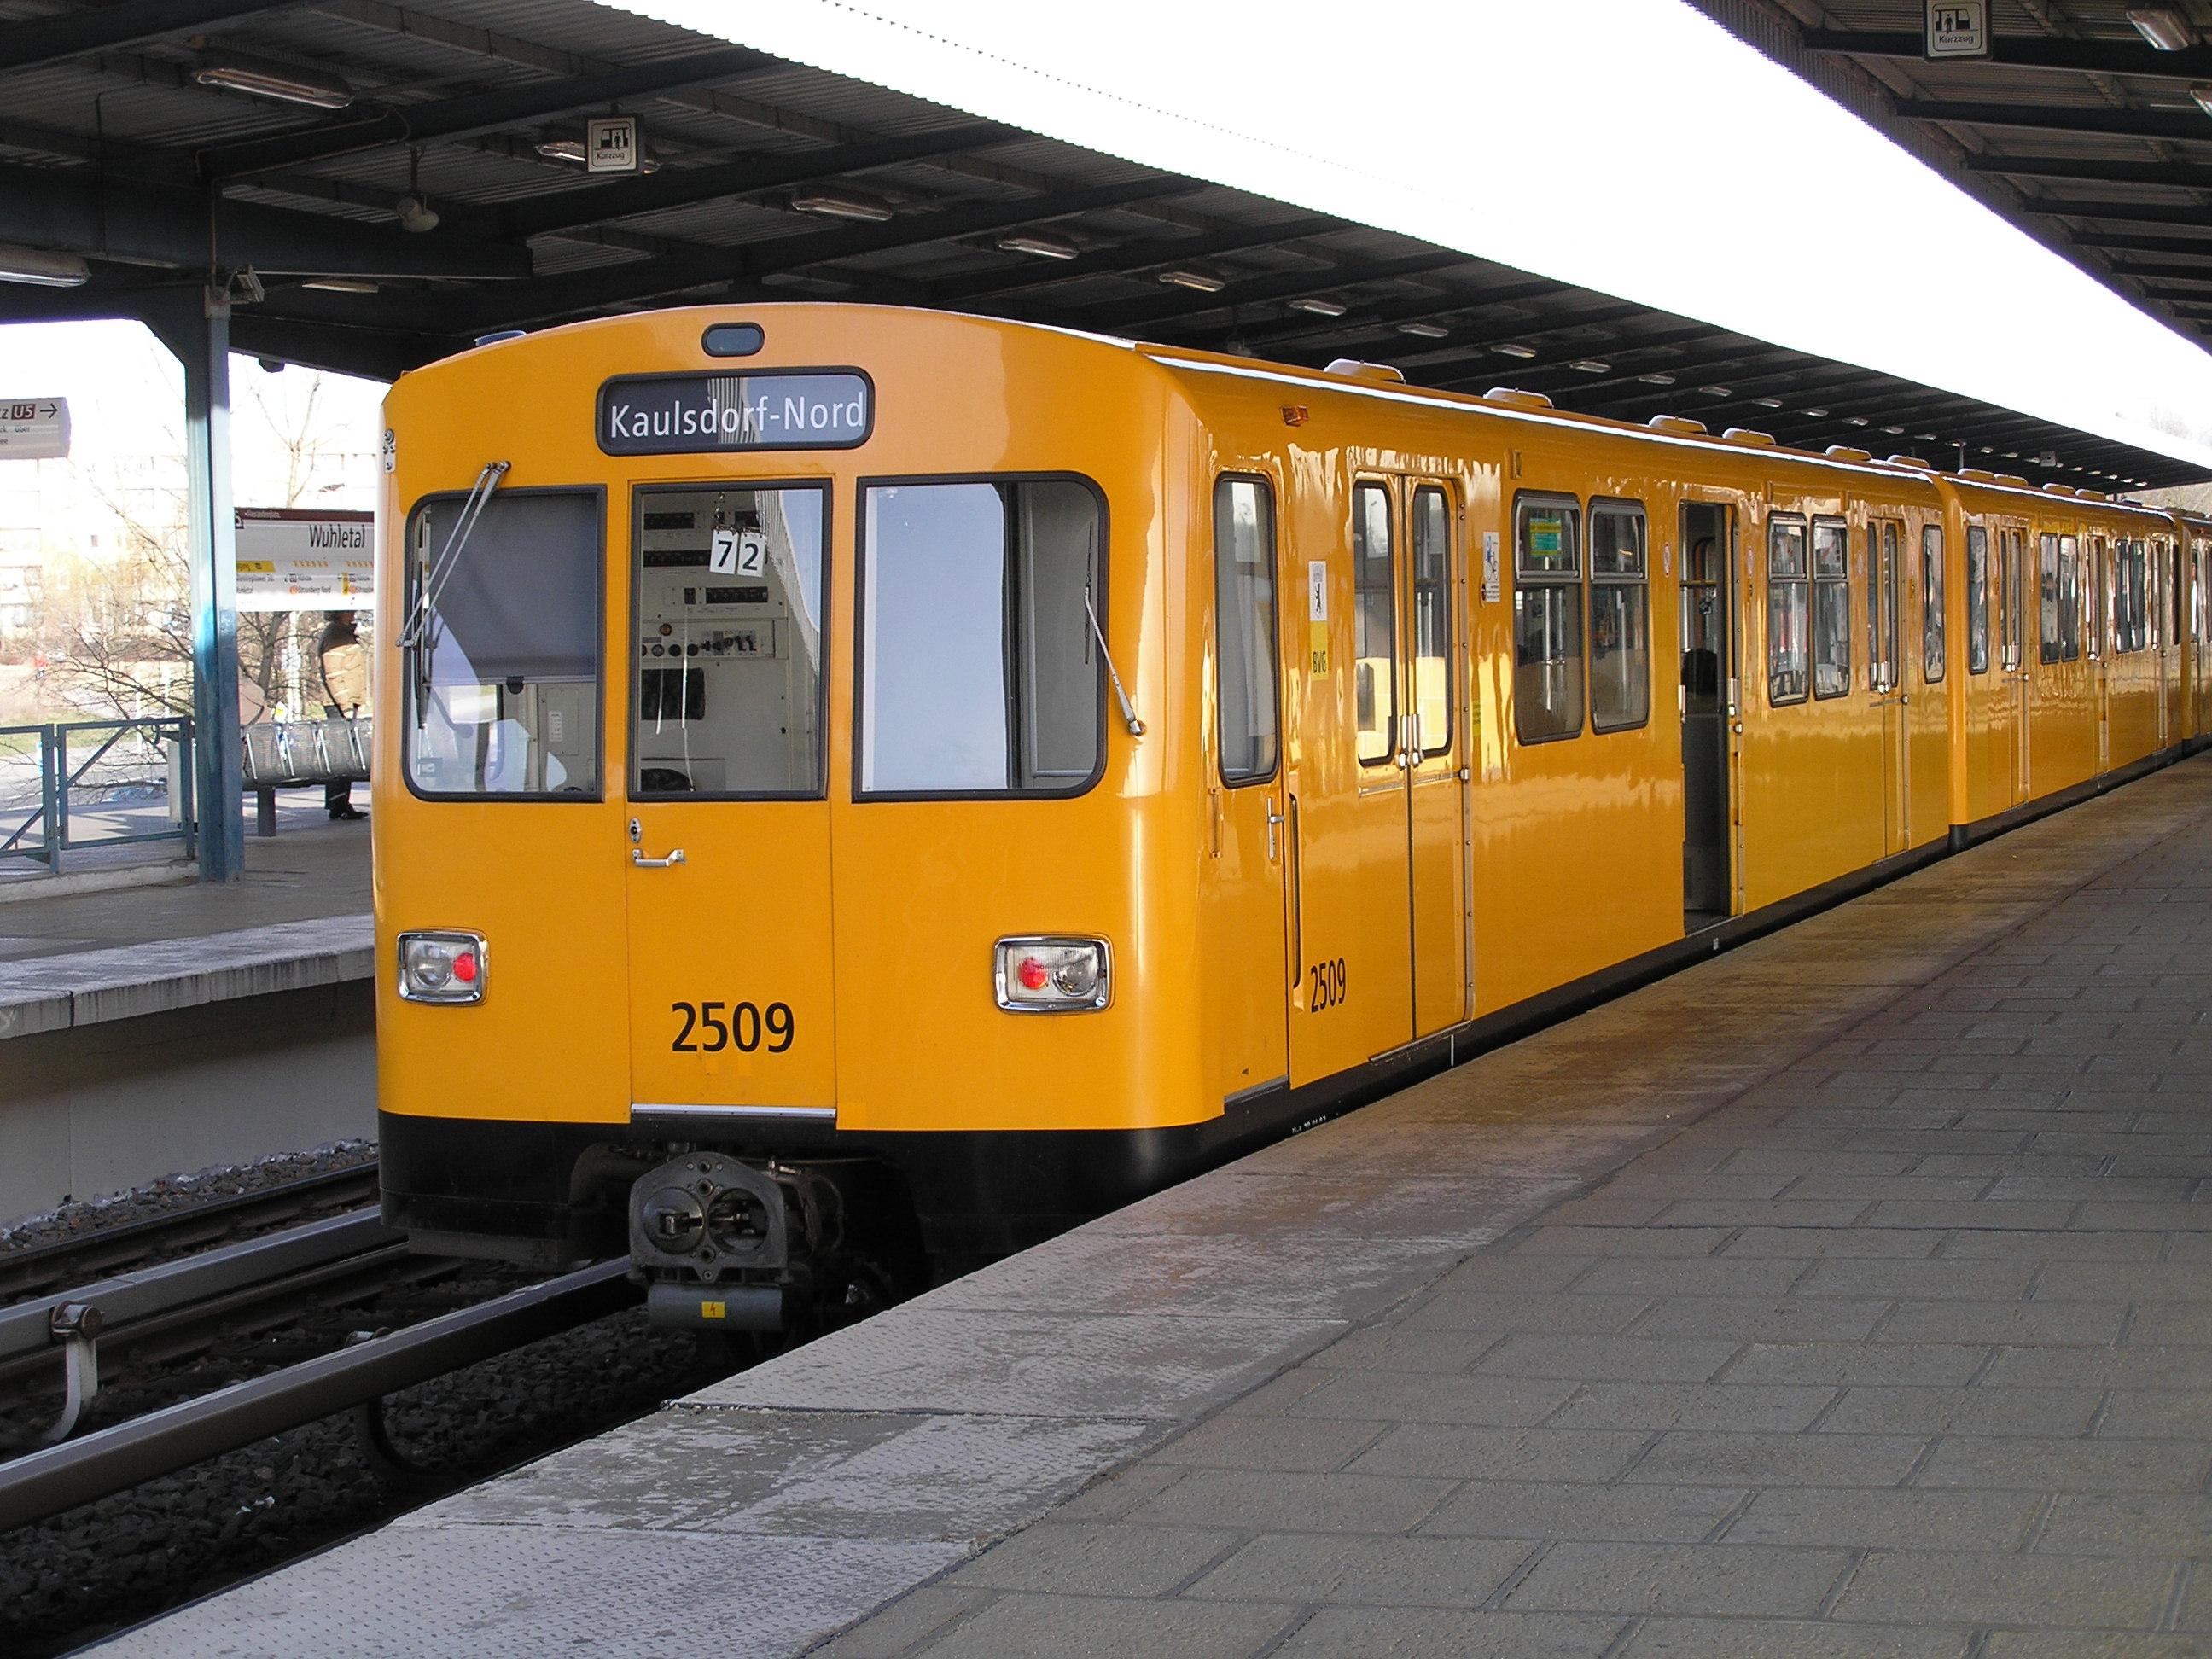 Berliner_U-Bahn_nach_Kaulsdorf-Nord_%28Baureihe_F74%29 Verwunderlich Lampen Für Den Garten Dekorationen